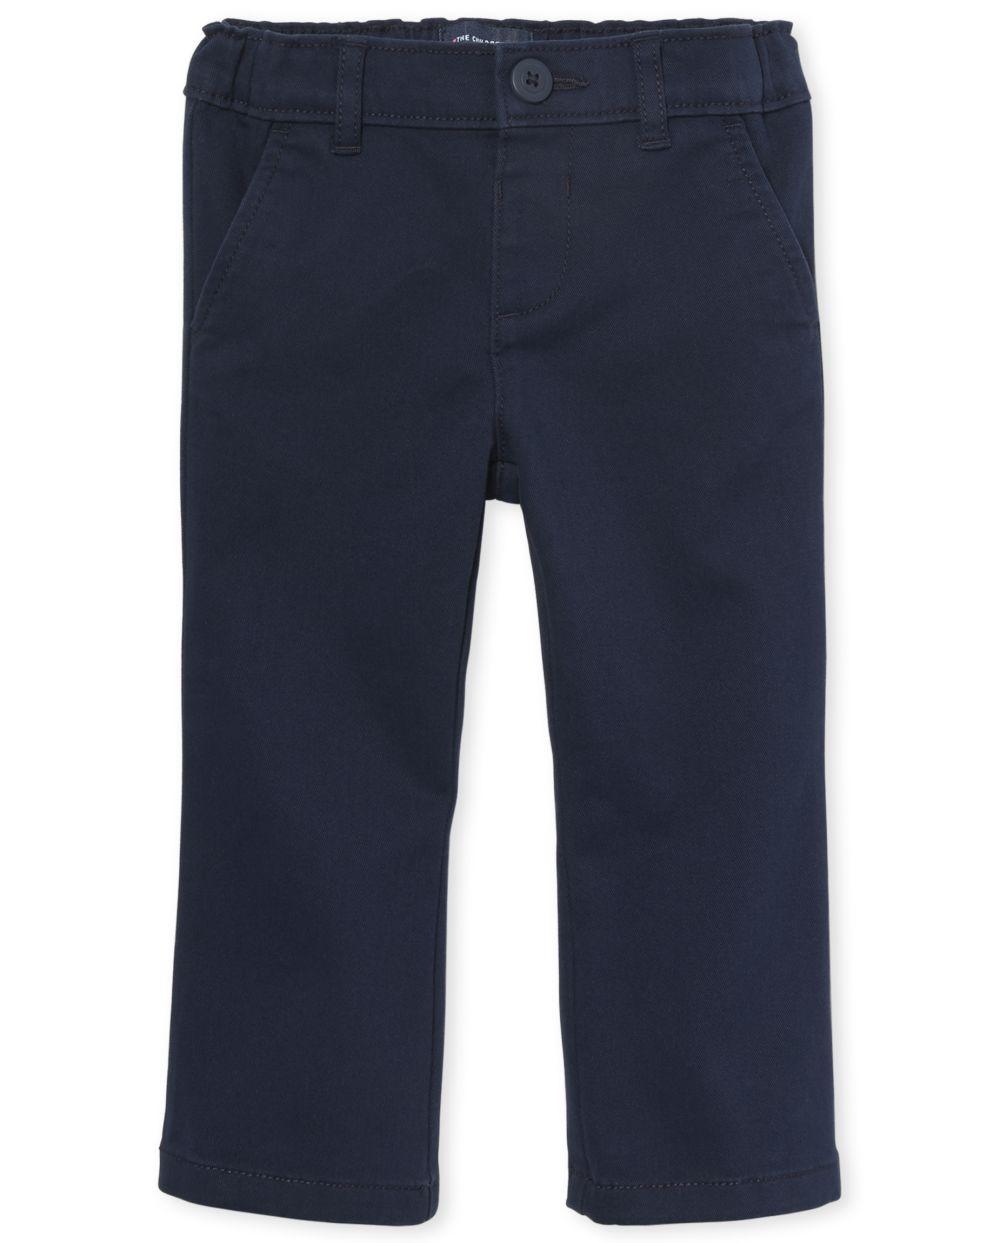 Toddler Girls Uniform Bootcut Chino Pants